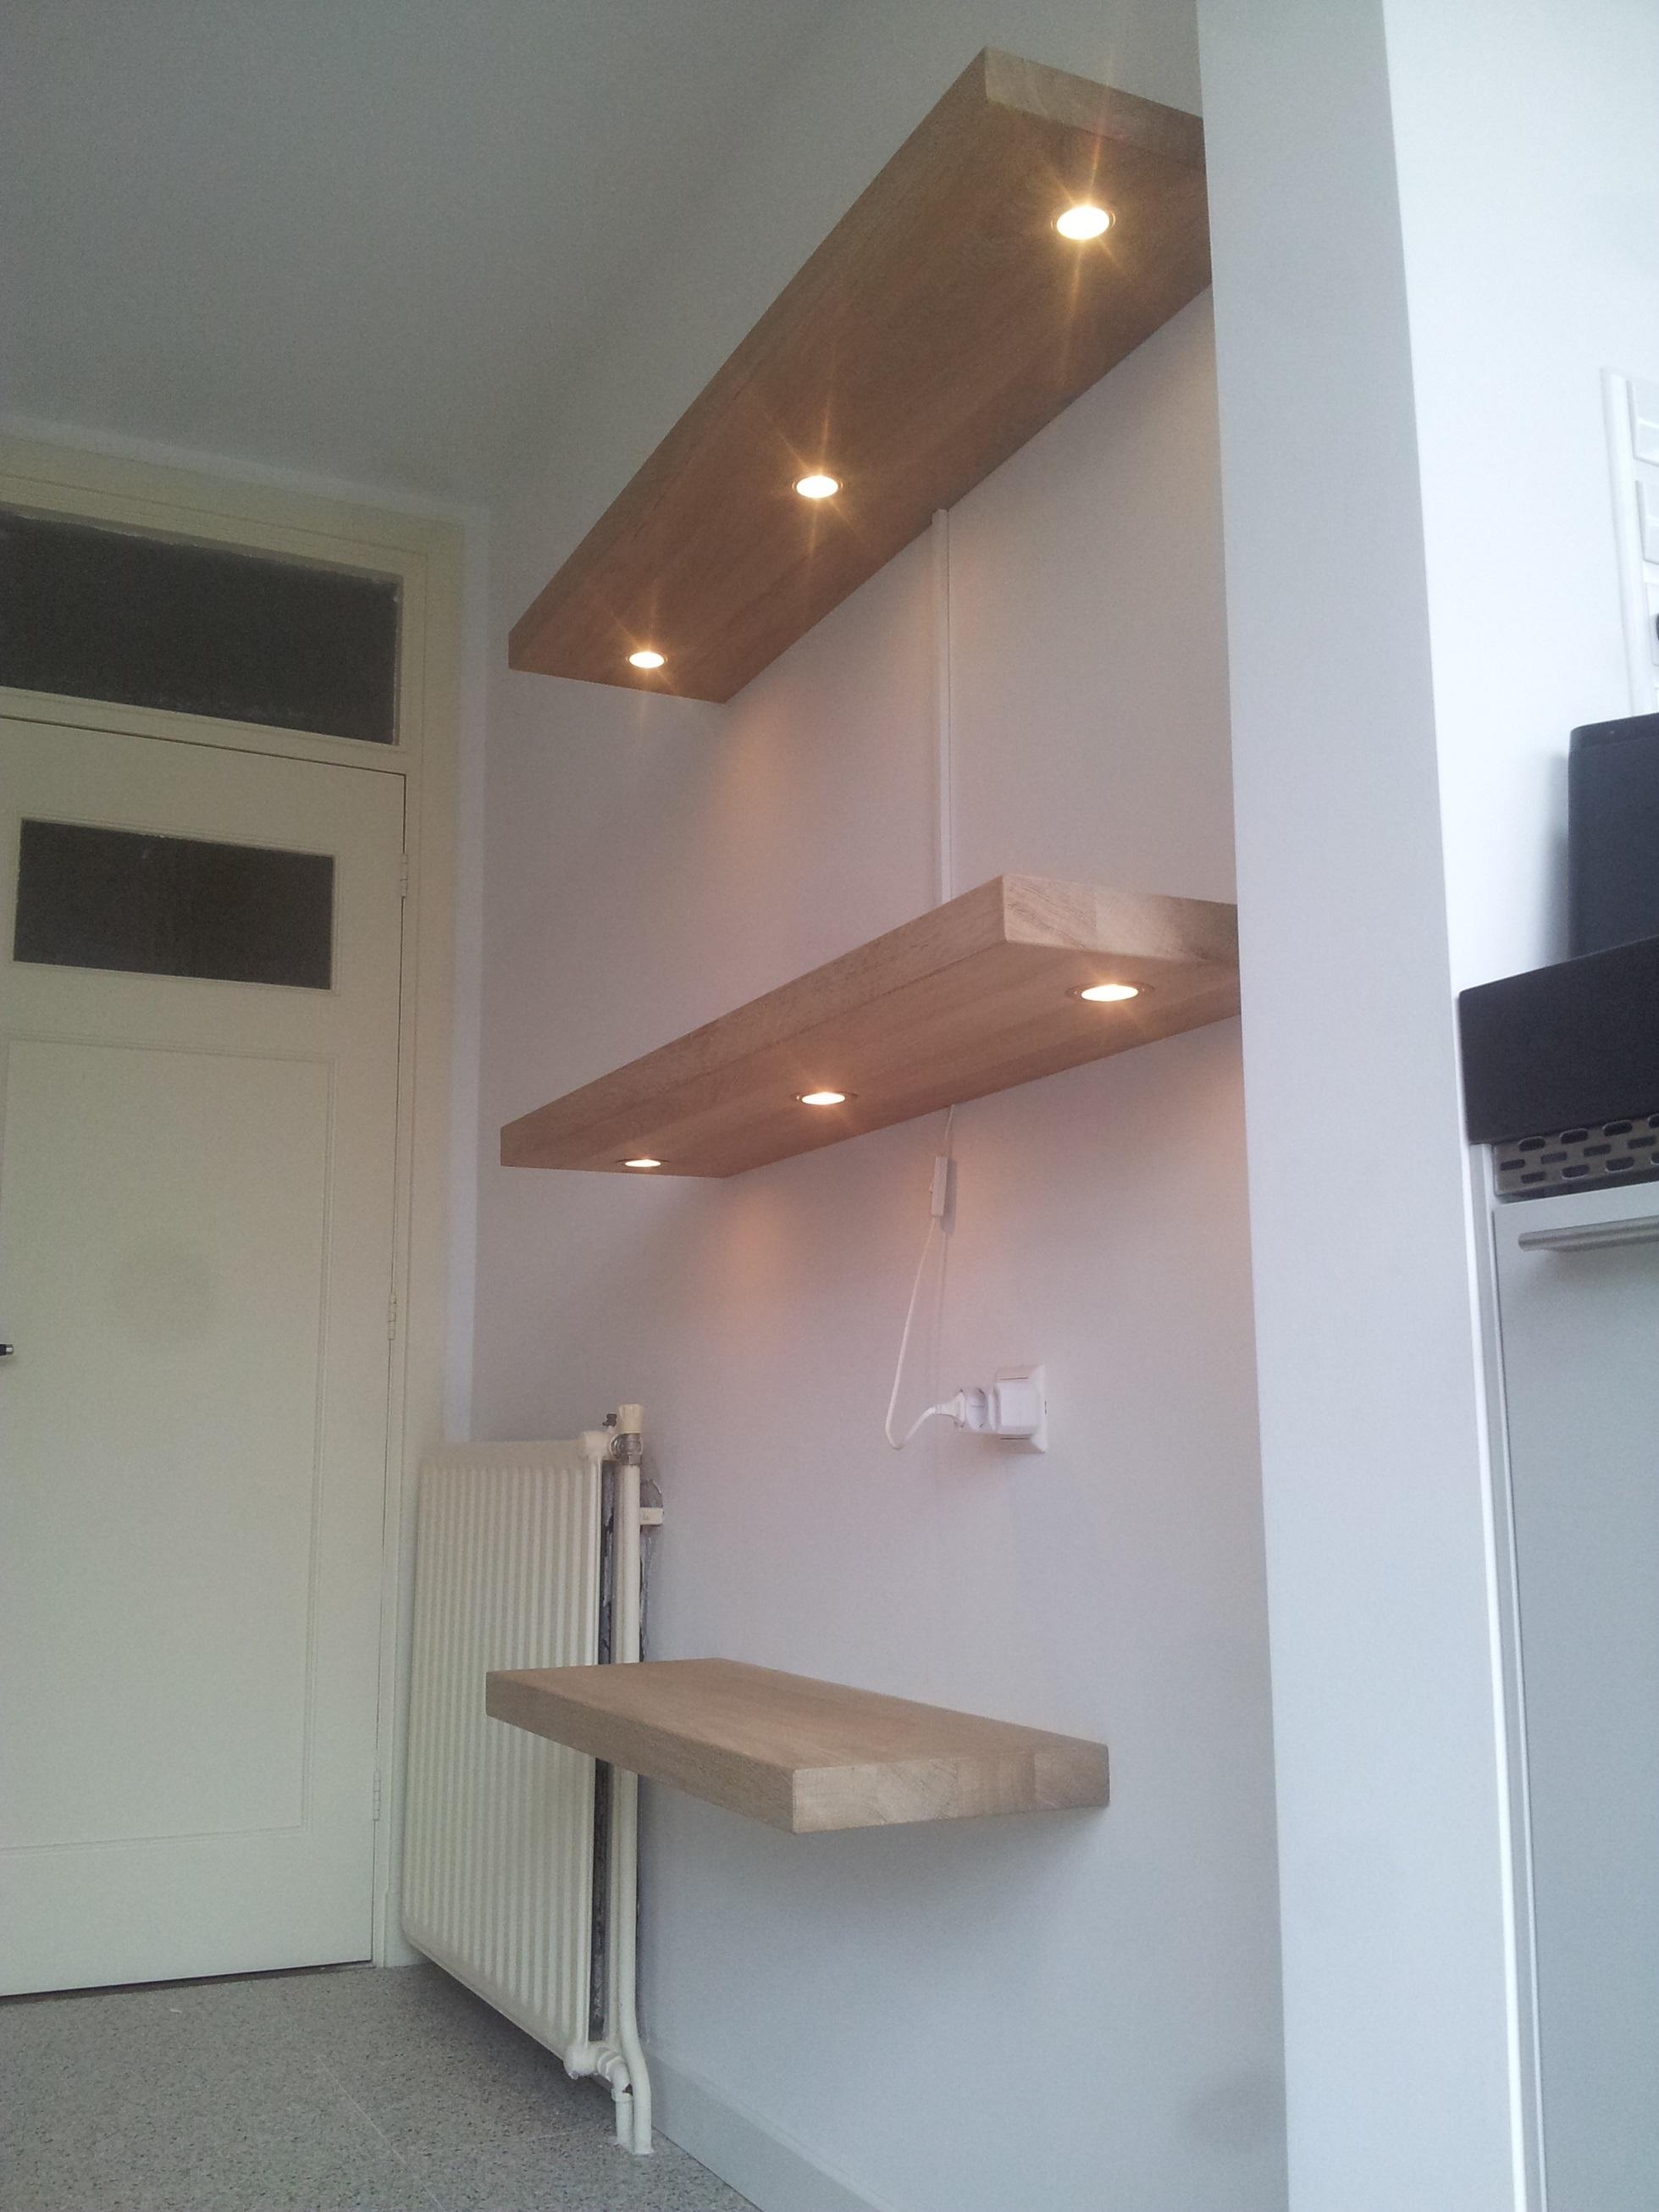 Wandplank Met Verlichting Keuken.Portfolio Verlichting Blindewandplanken